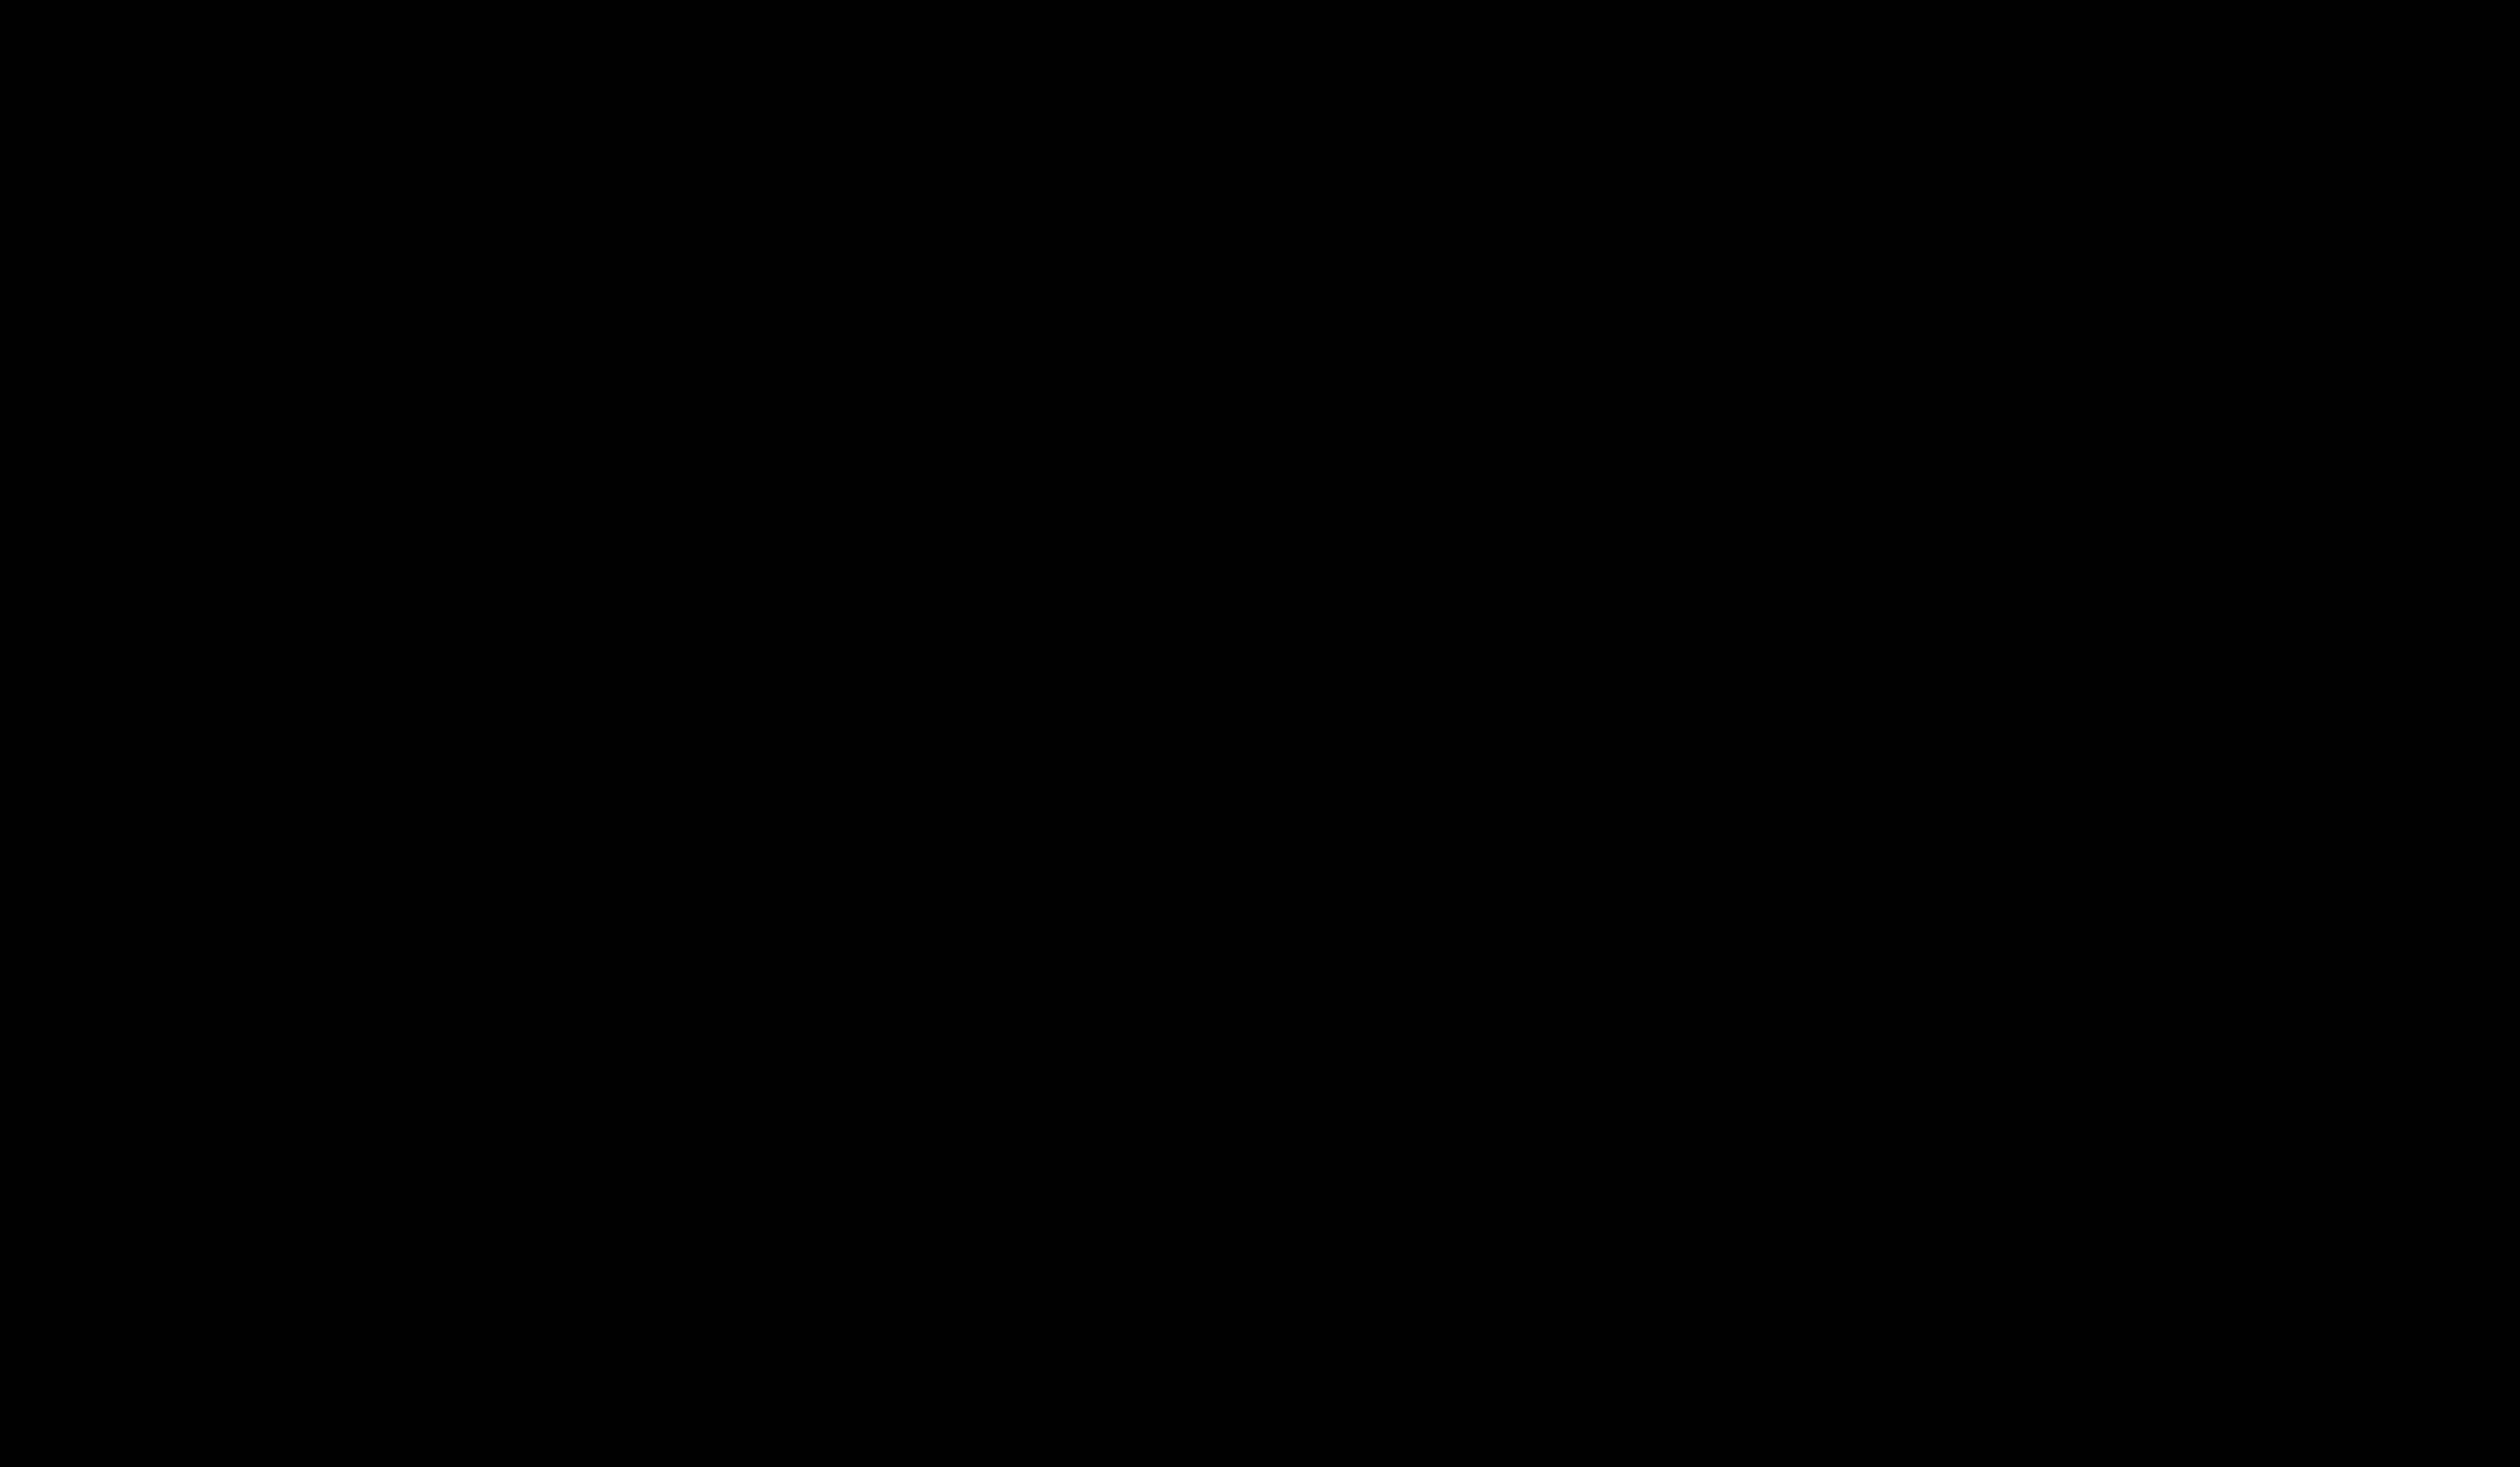 Las mascarillas de Effimed, certificadas con más del 99% de eficacia de filtración bacteriana